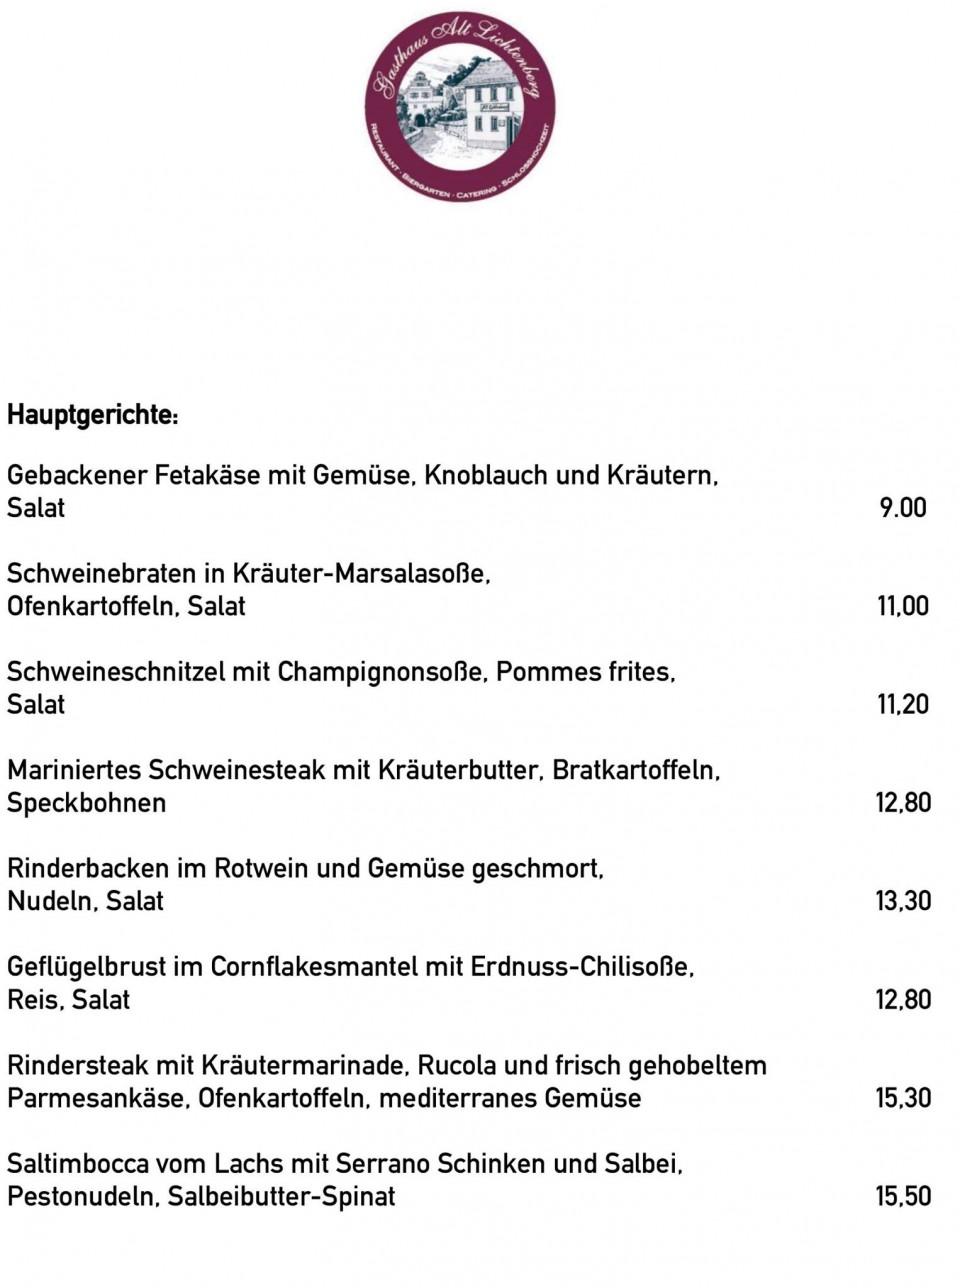 1506_Hauptgerichte